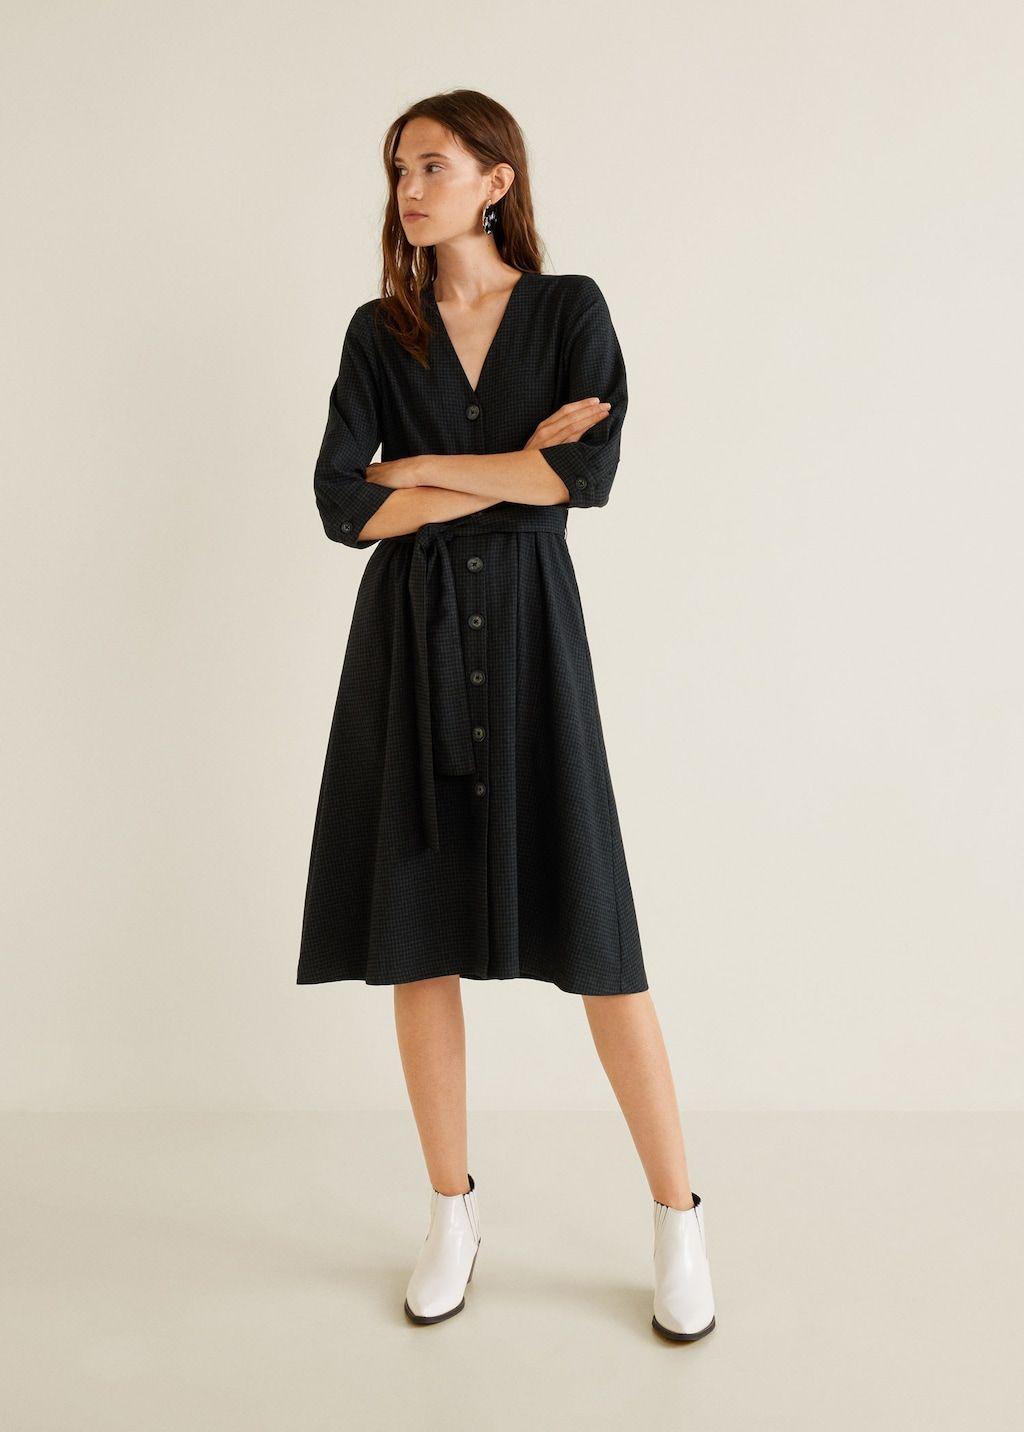 Robe nœud à carreaux - Femme   23 - Fashion crush   Pinterest ... 20233752c0be